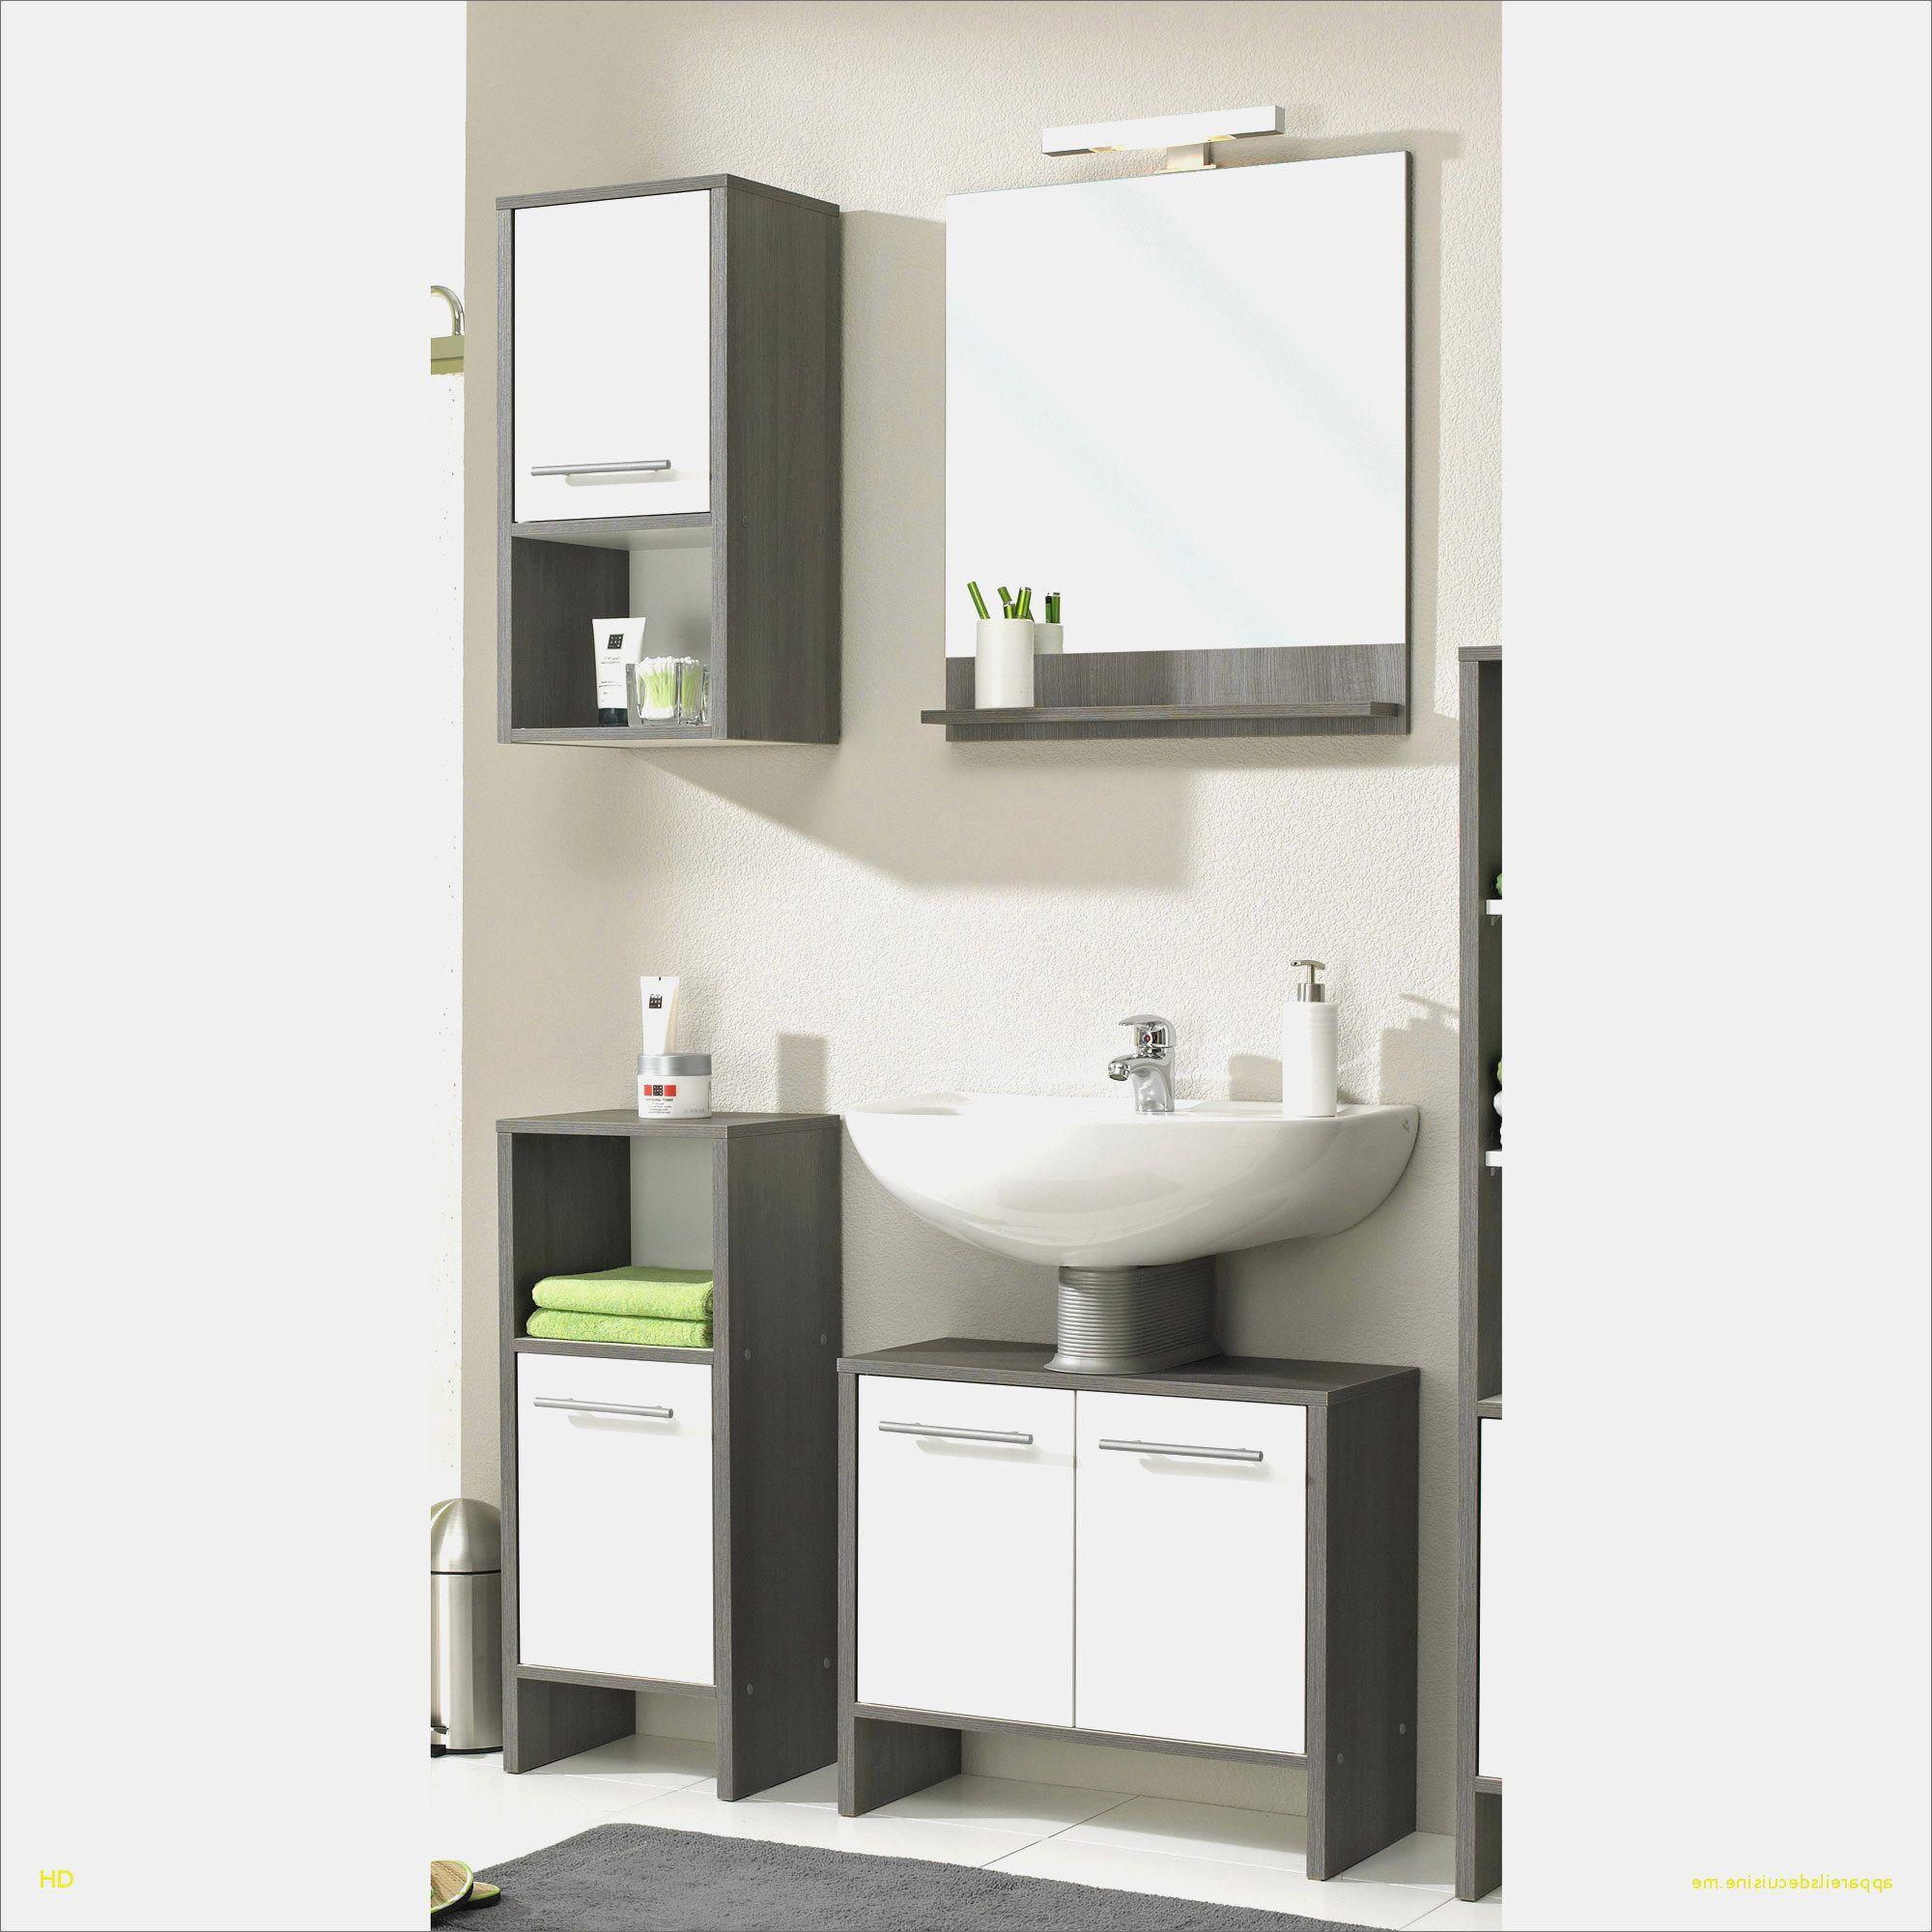 Armoire 3 Portes Pas Cher Armoire 3 Portes Pas Cher Nouveau Conforama Meuble Bureau Unique Armoire Tiroir 0d Brillant Pourquo Bathroom Vanity Vanity Bathroom